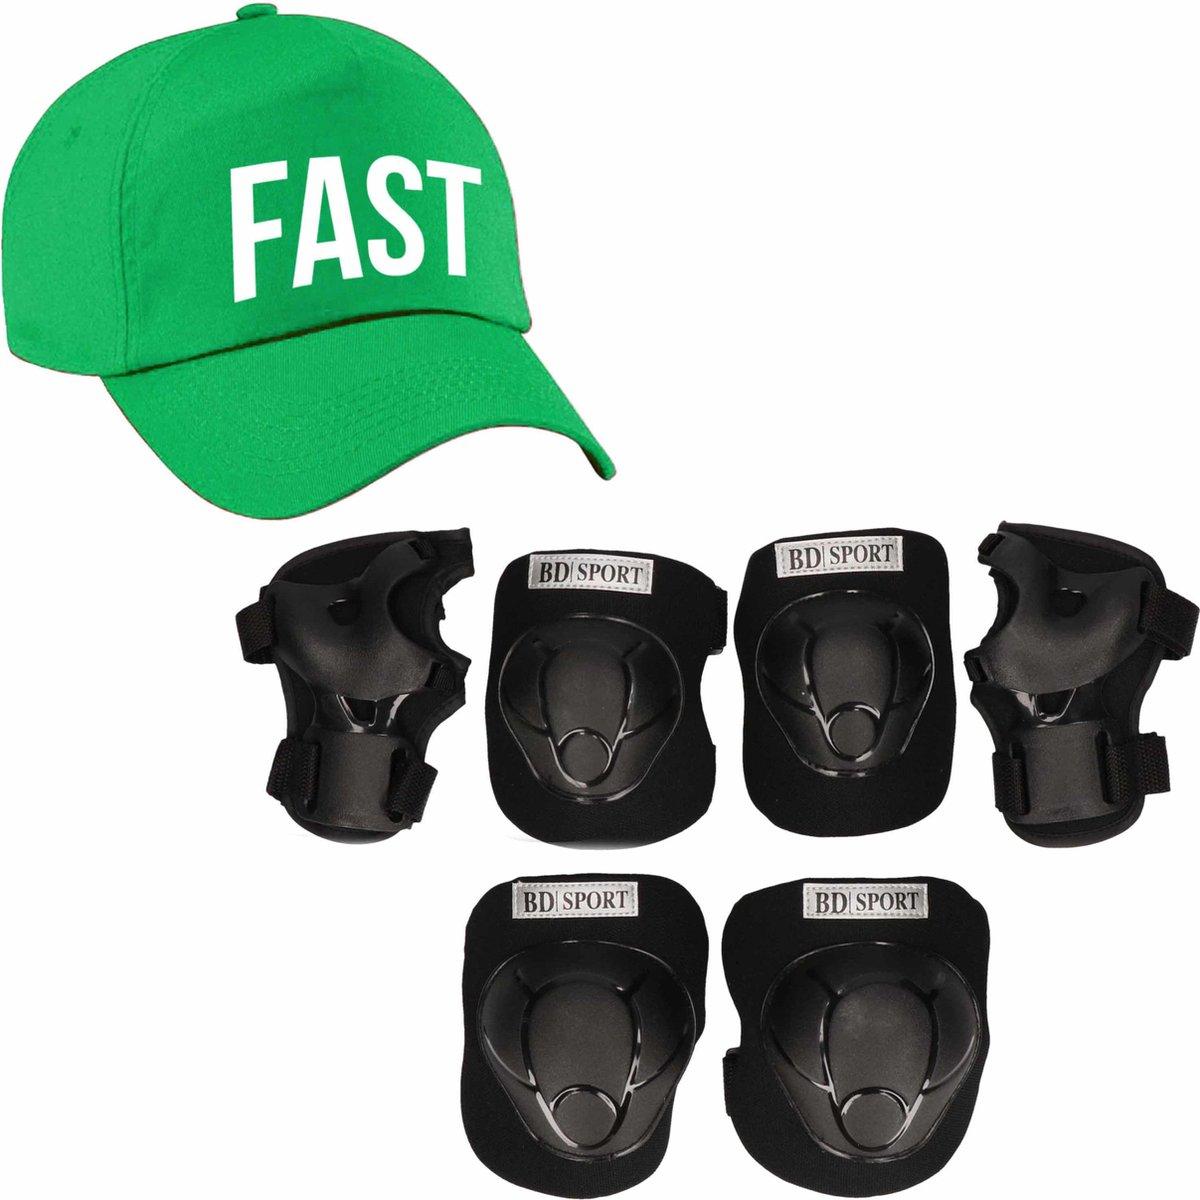 Set van valbescherming voor kinderen maat M / 6 tot 8 jaar met een stoere FAST pet groen